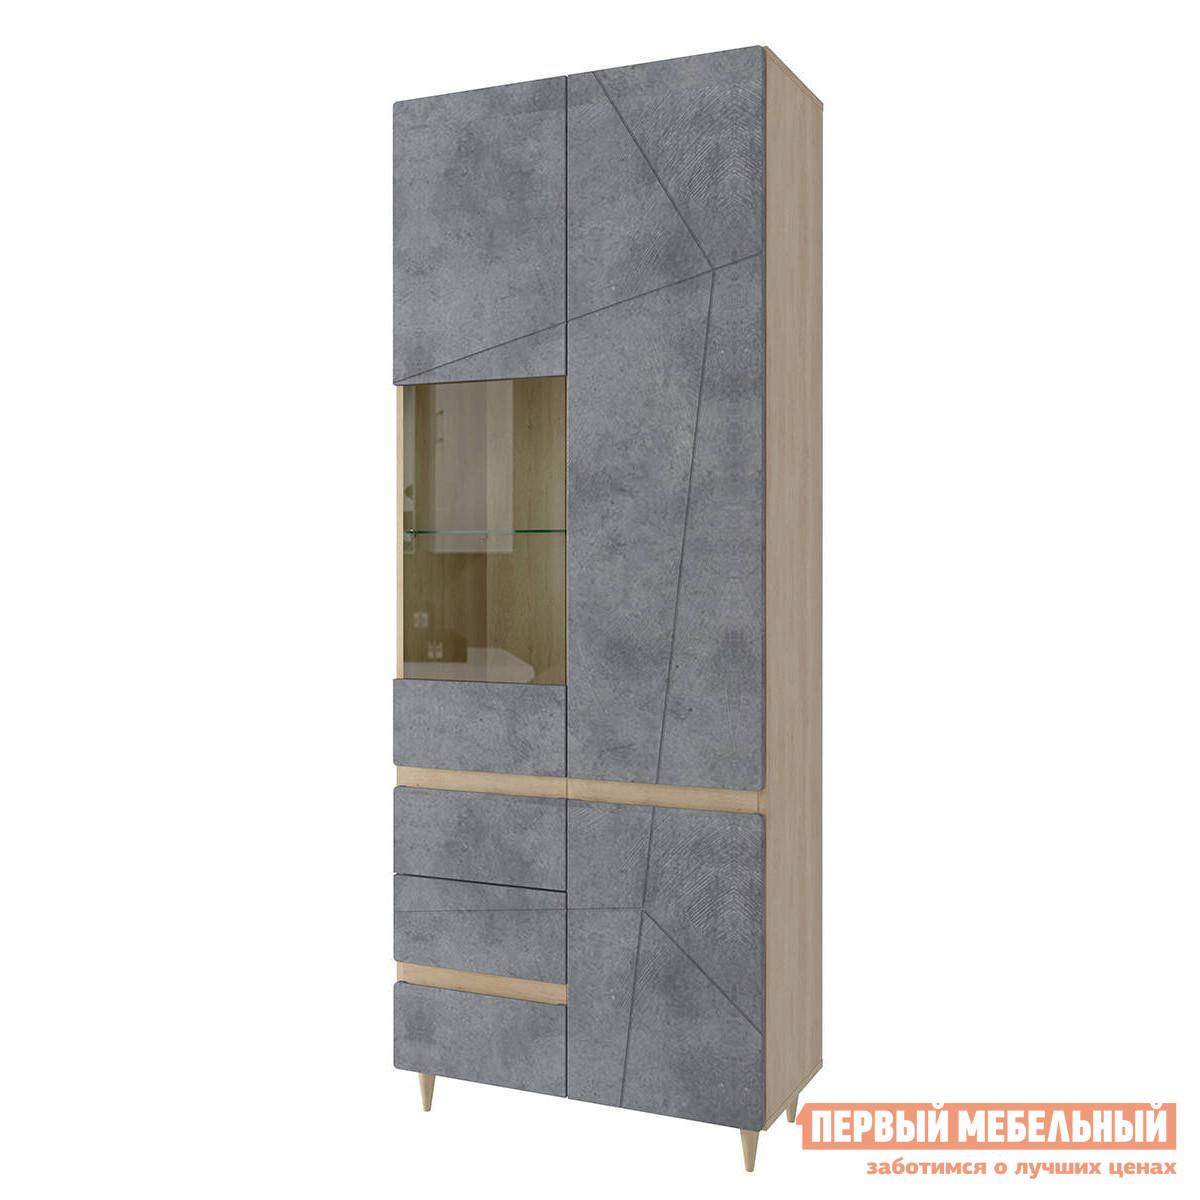 цена на Шкаф-витрина Первый Мебельный Шкаф витрина Самурай